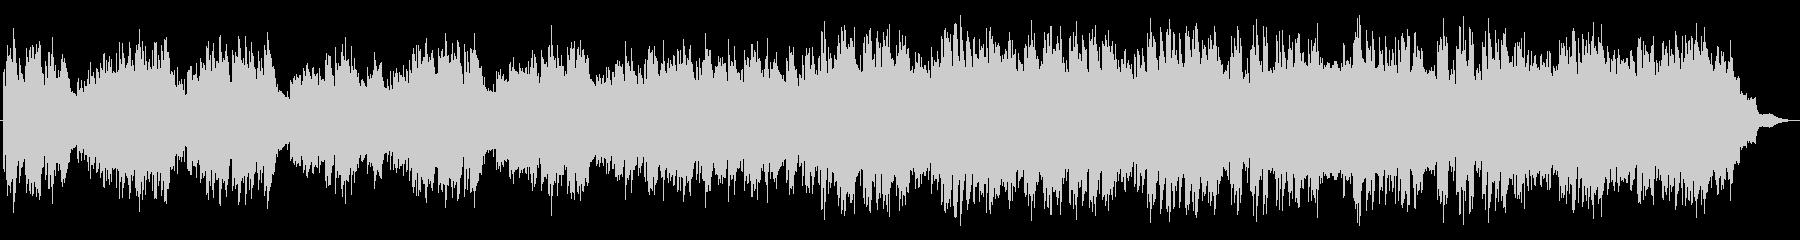 切ないピアノのメロディの映画音楽風の曲の未再生の波形